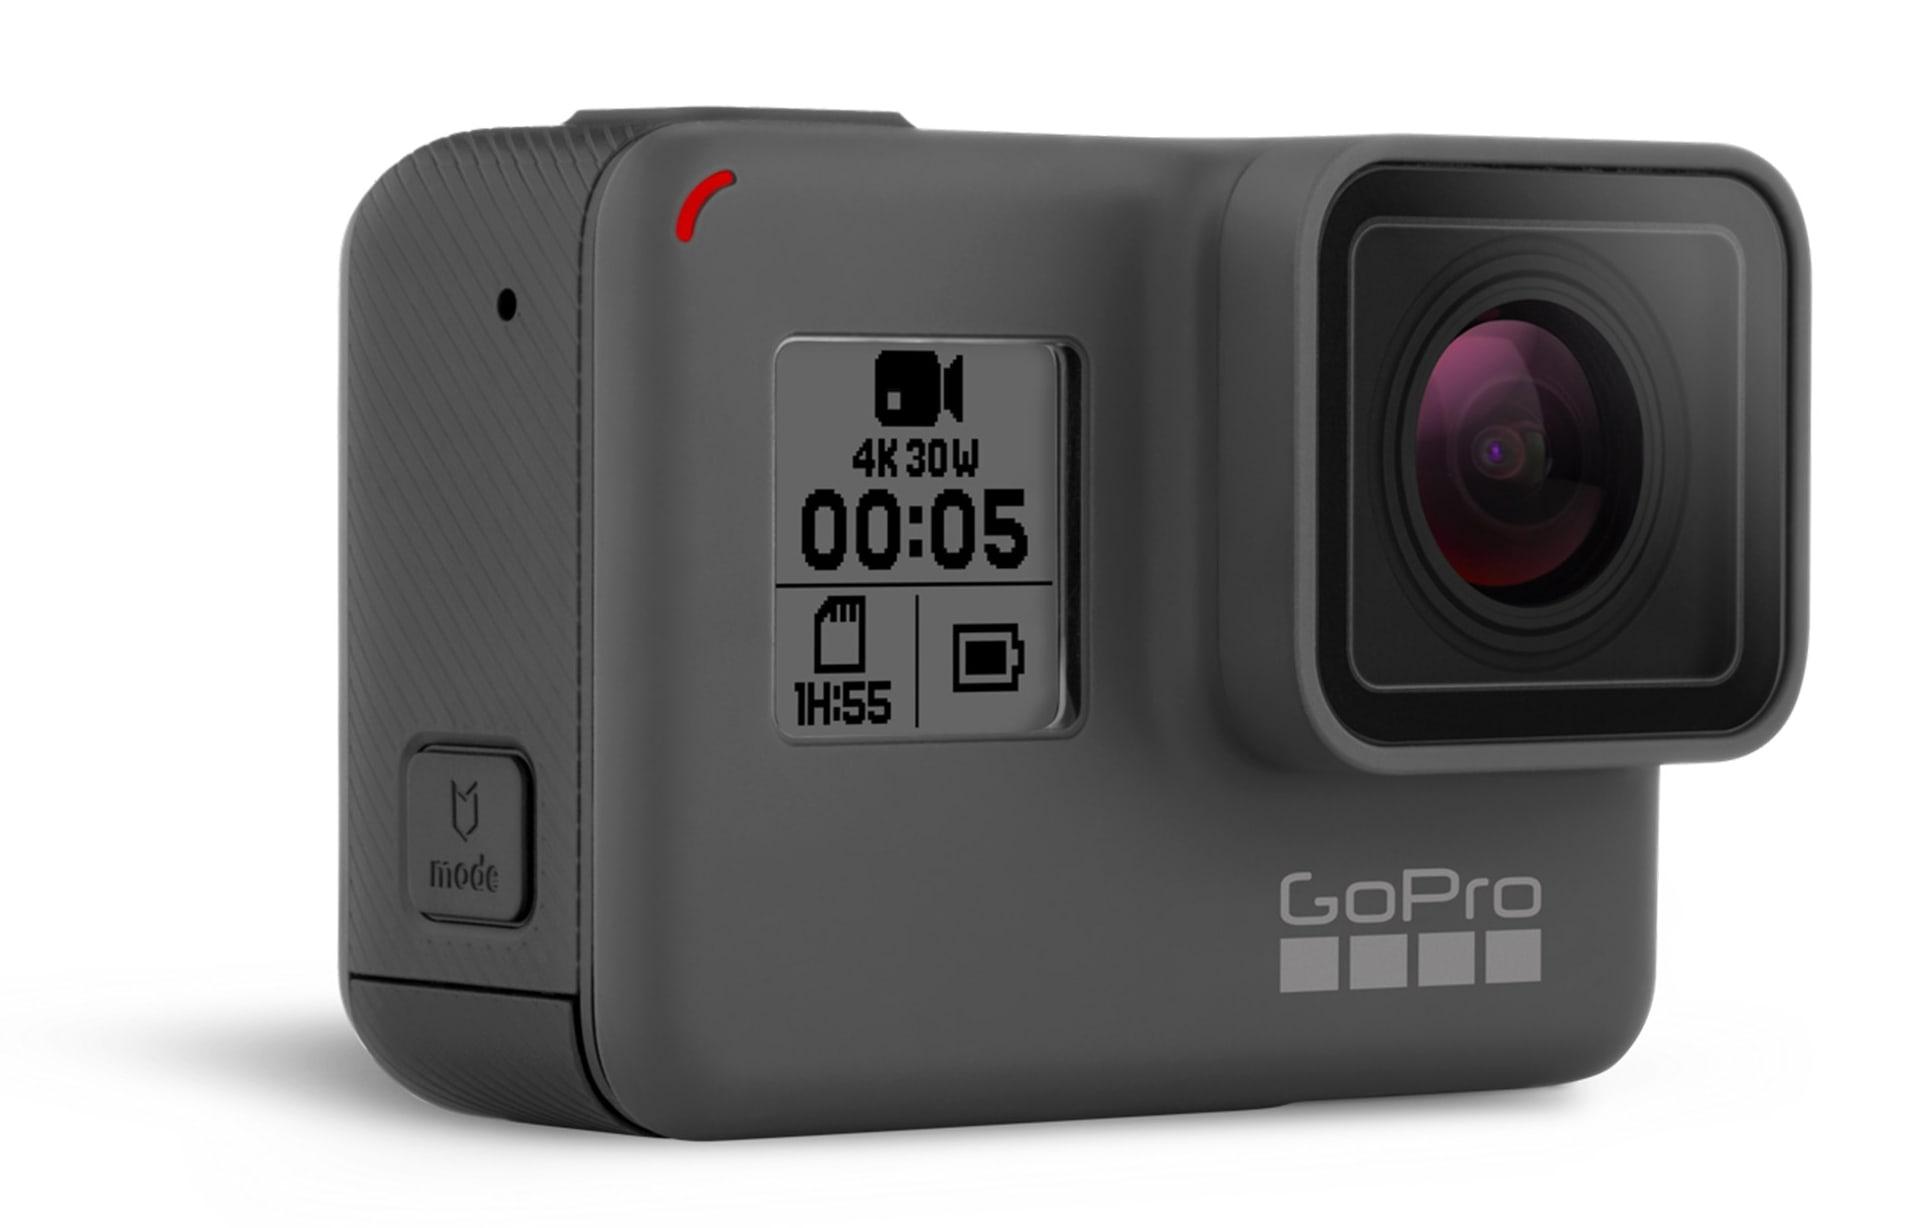 GoPro Hero5 Black Action Kamera 12MP 4K VoiceControl bis 10m wasserdicht für 295,99 Euro